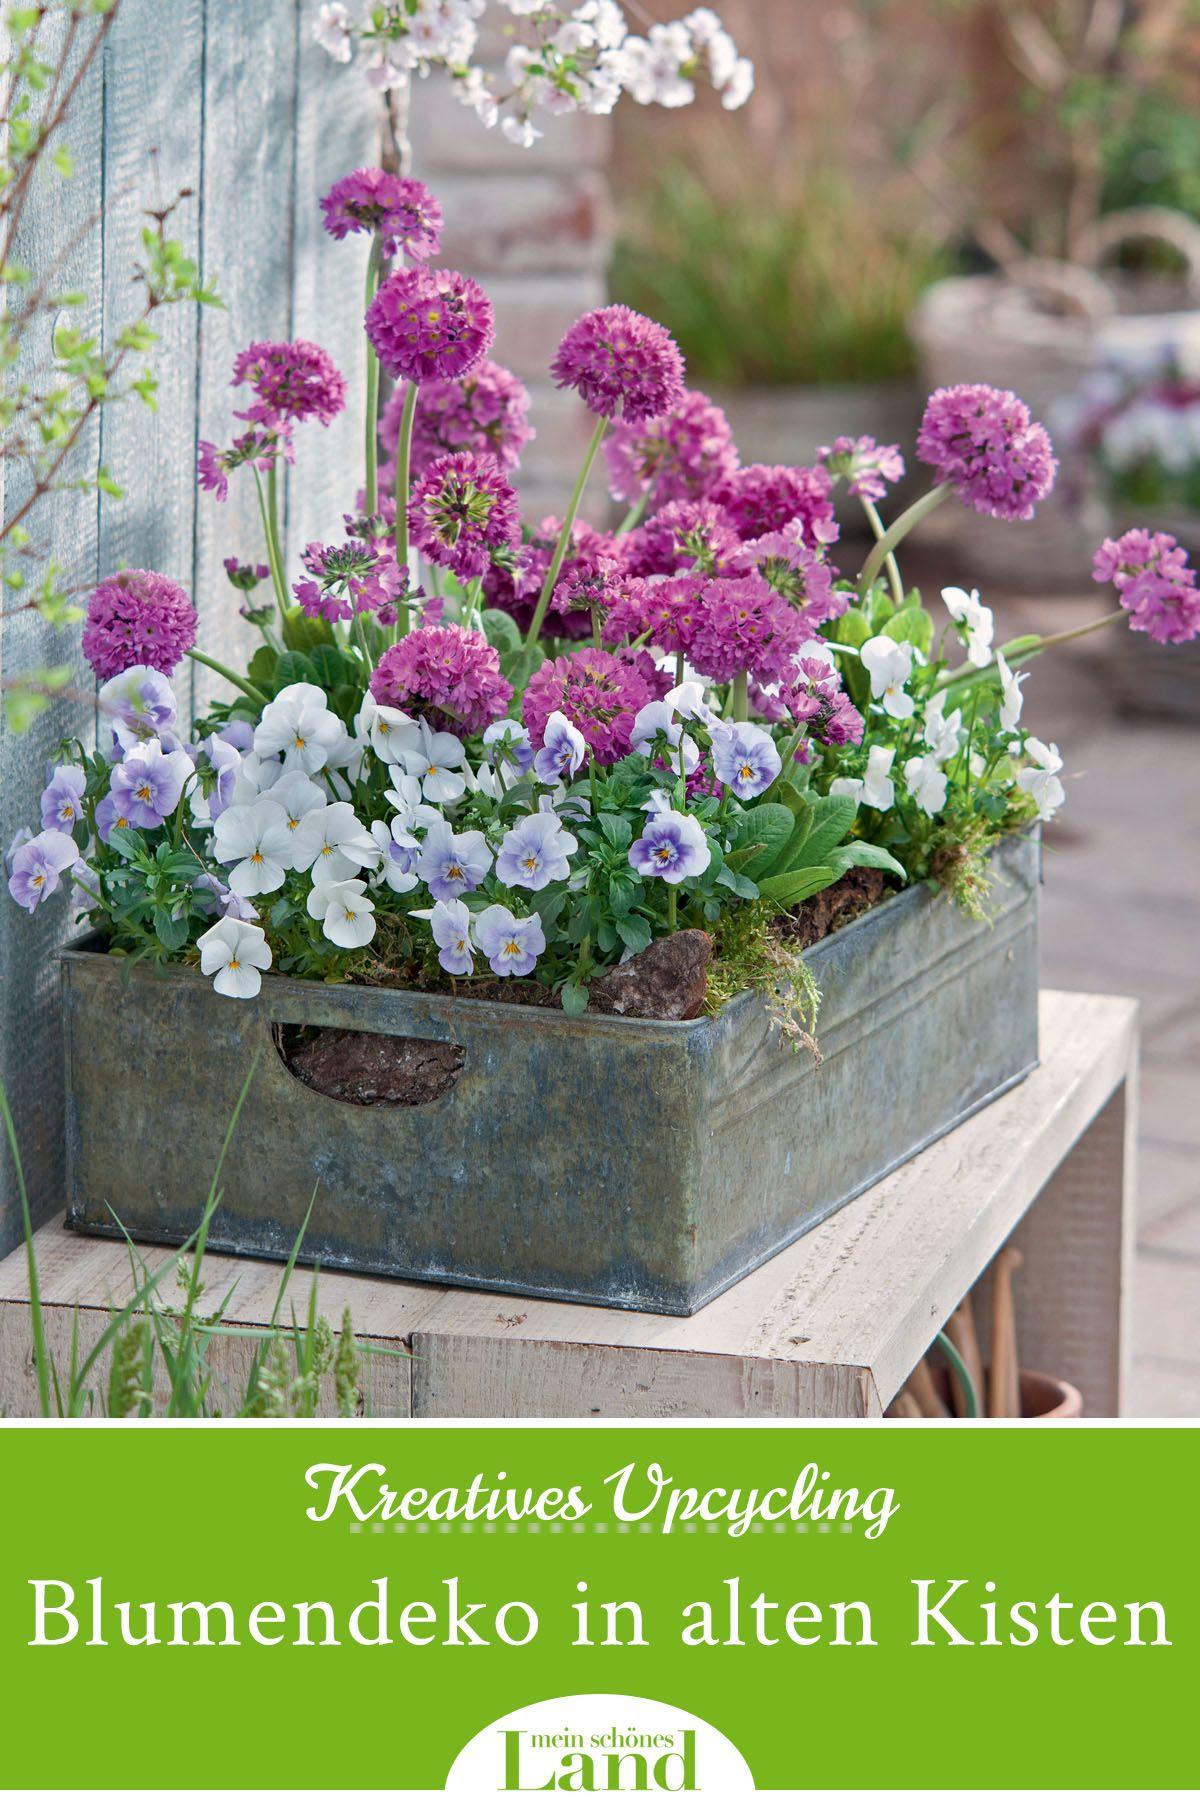 Kreatives Upcycling Blumendeko In Alten Kisten Fruhling Blumen Fruhlingsblumen Blumendeko